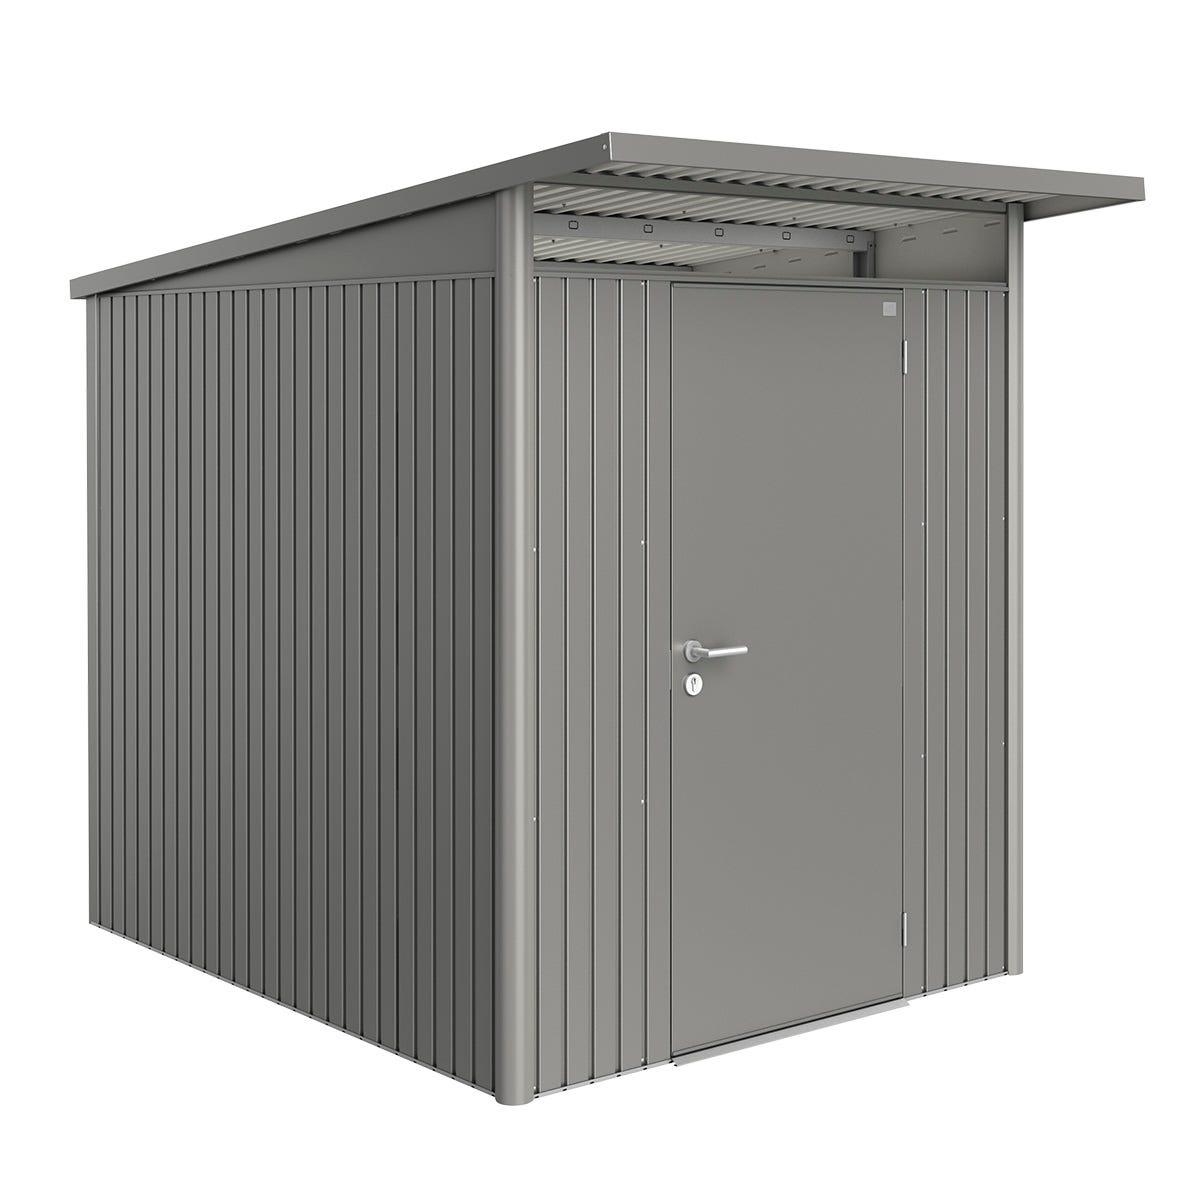 Biohort AvantGarde Metal Shed A2 Standard door 5' 9'' x 8' 5'' - Quartz Grey